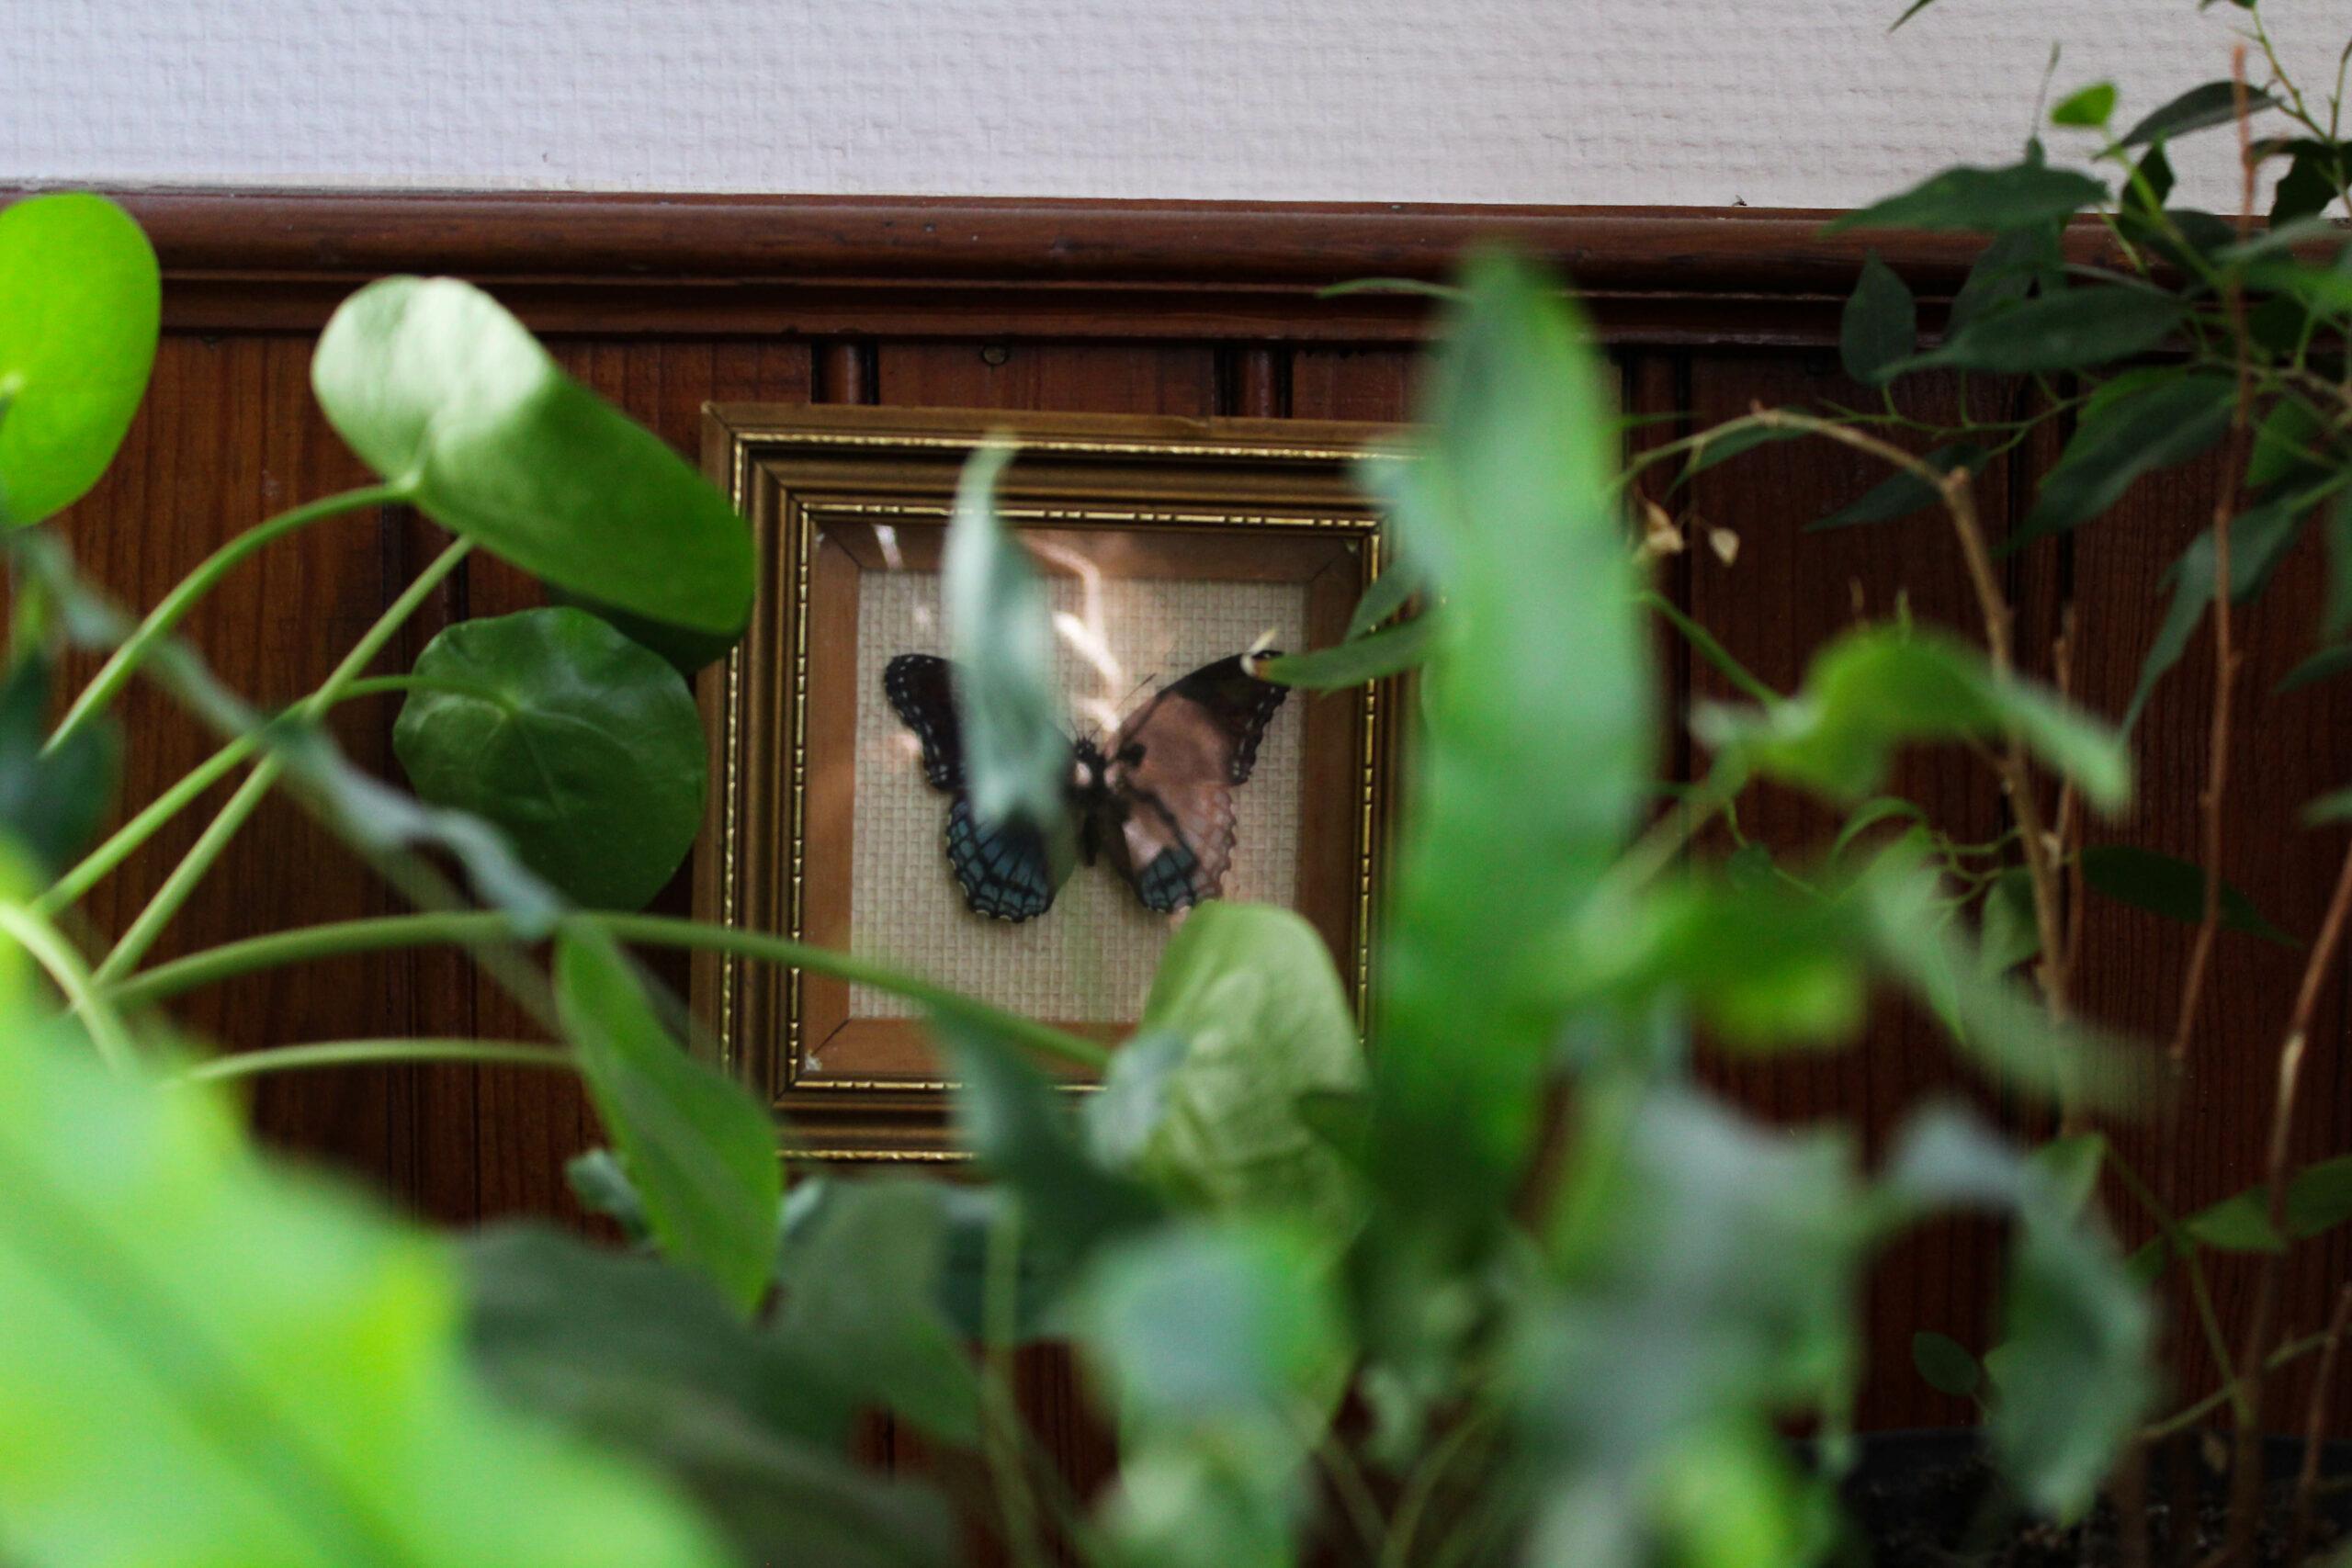 Au premier plan, des plantes d'intérieur. La focale est faite sur un papillon naturalisé disposé derrière, dans un cadre en bois.